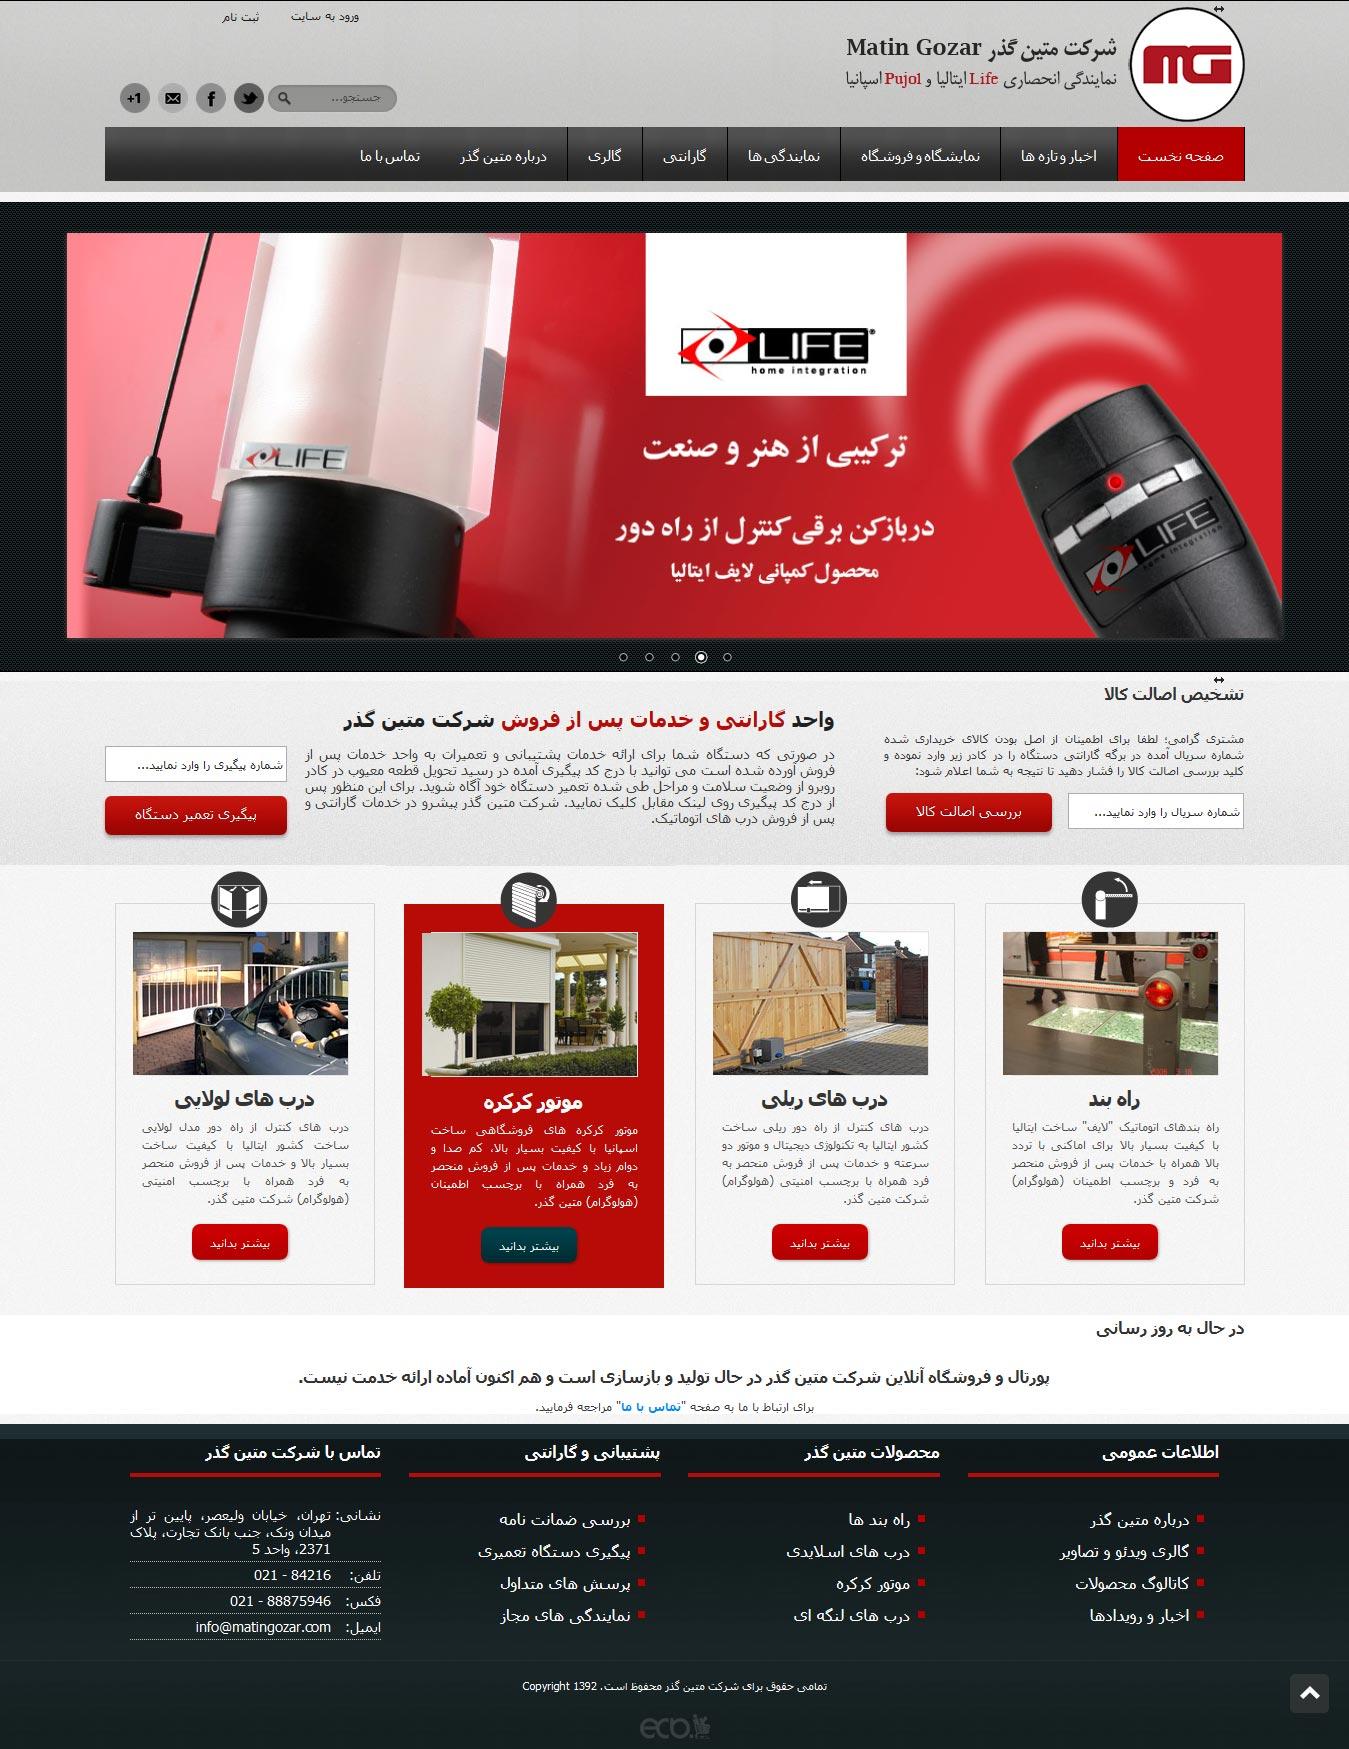 تصویری از صفحه نخست وبسایت شرکت متین گذر